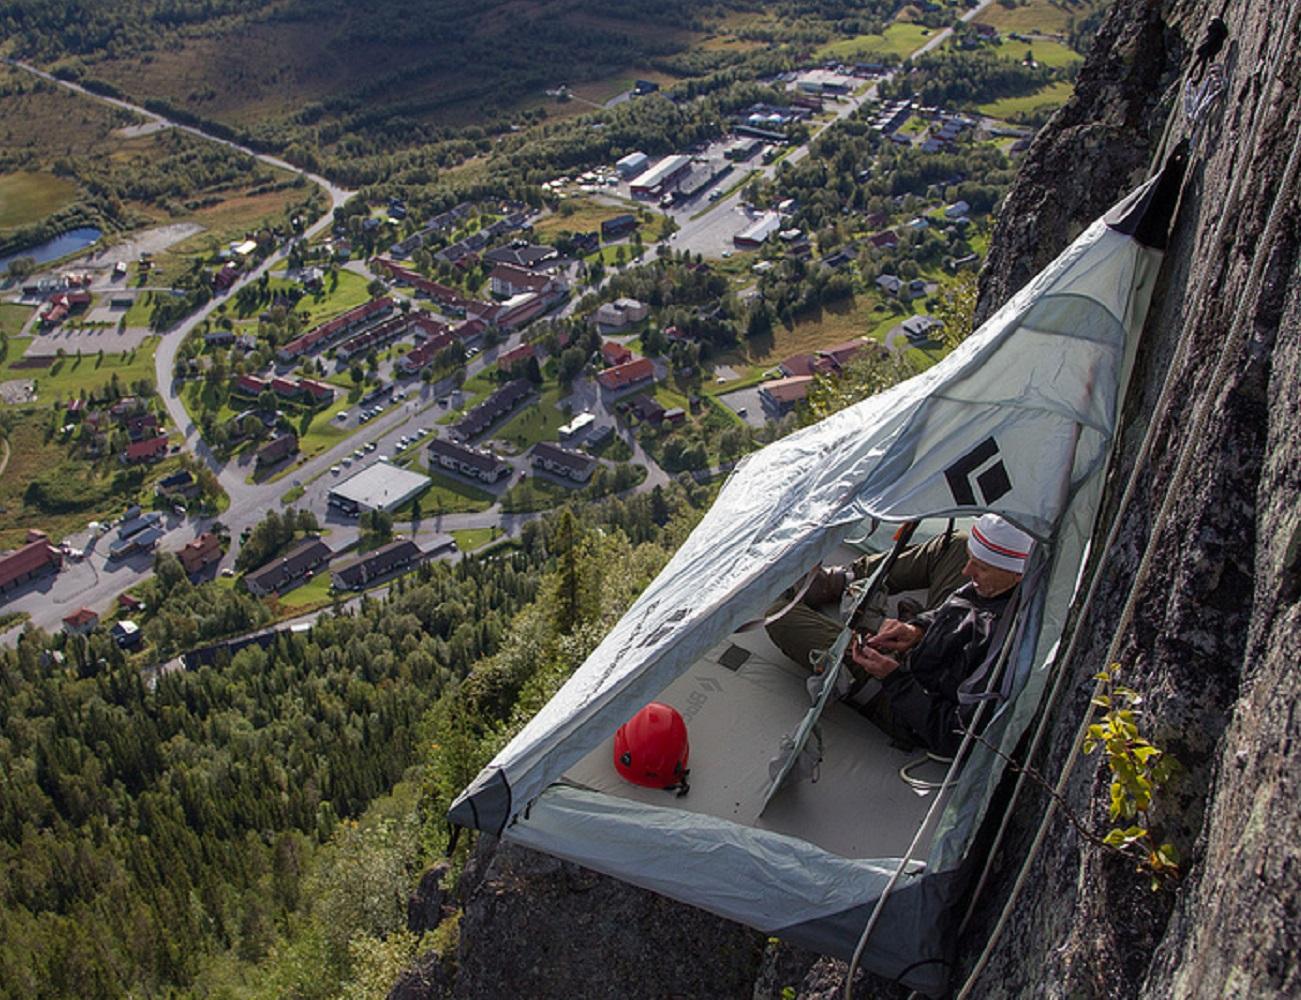 hanging cliff cabana gadget flow. Black Bedroom Furniture Sets. Home Design Ideas